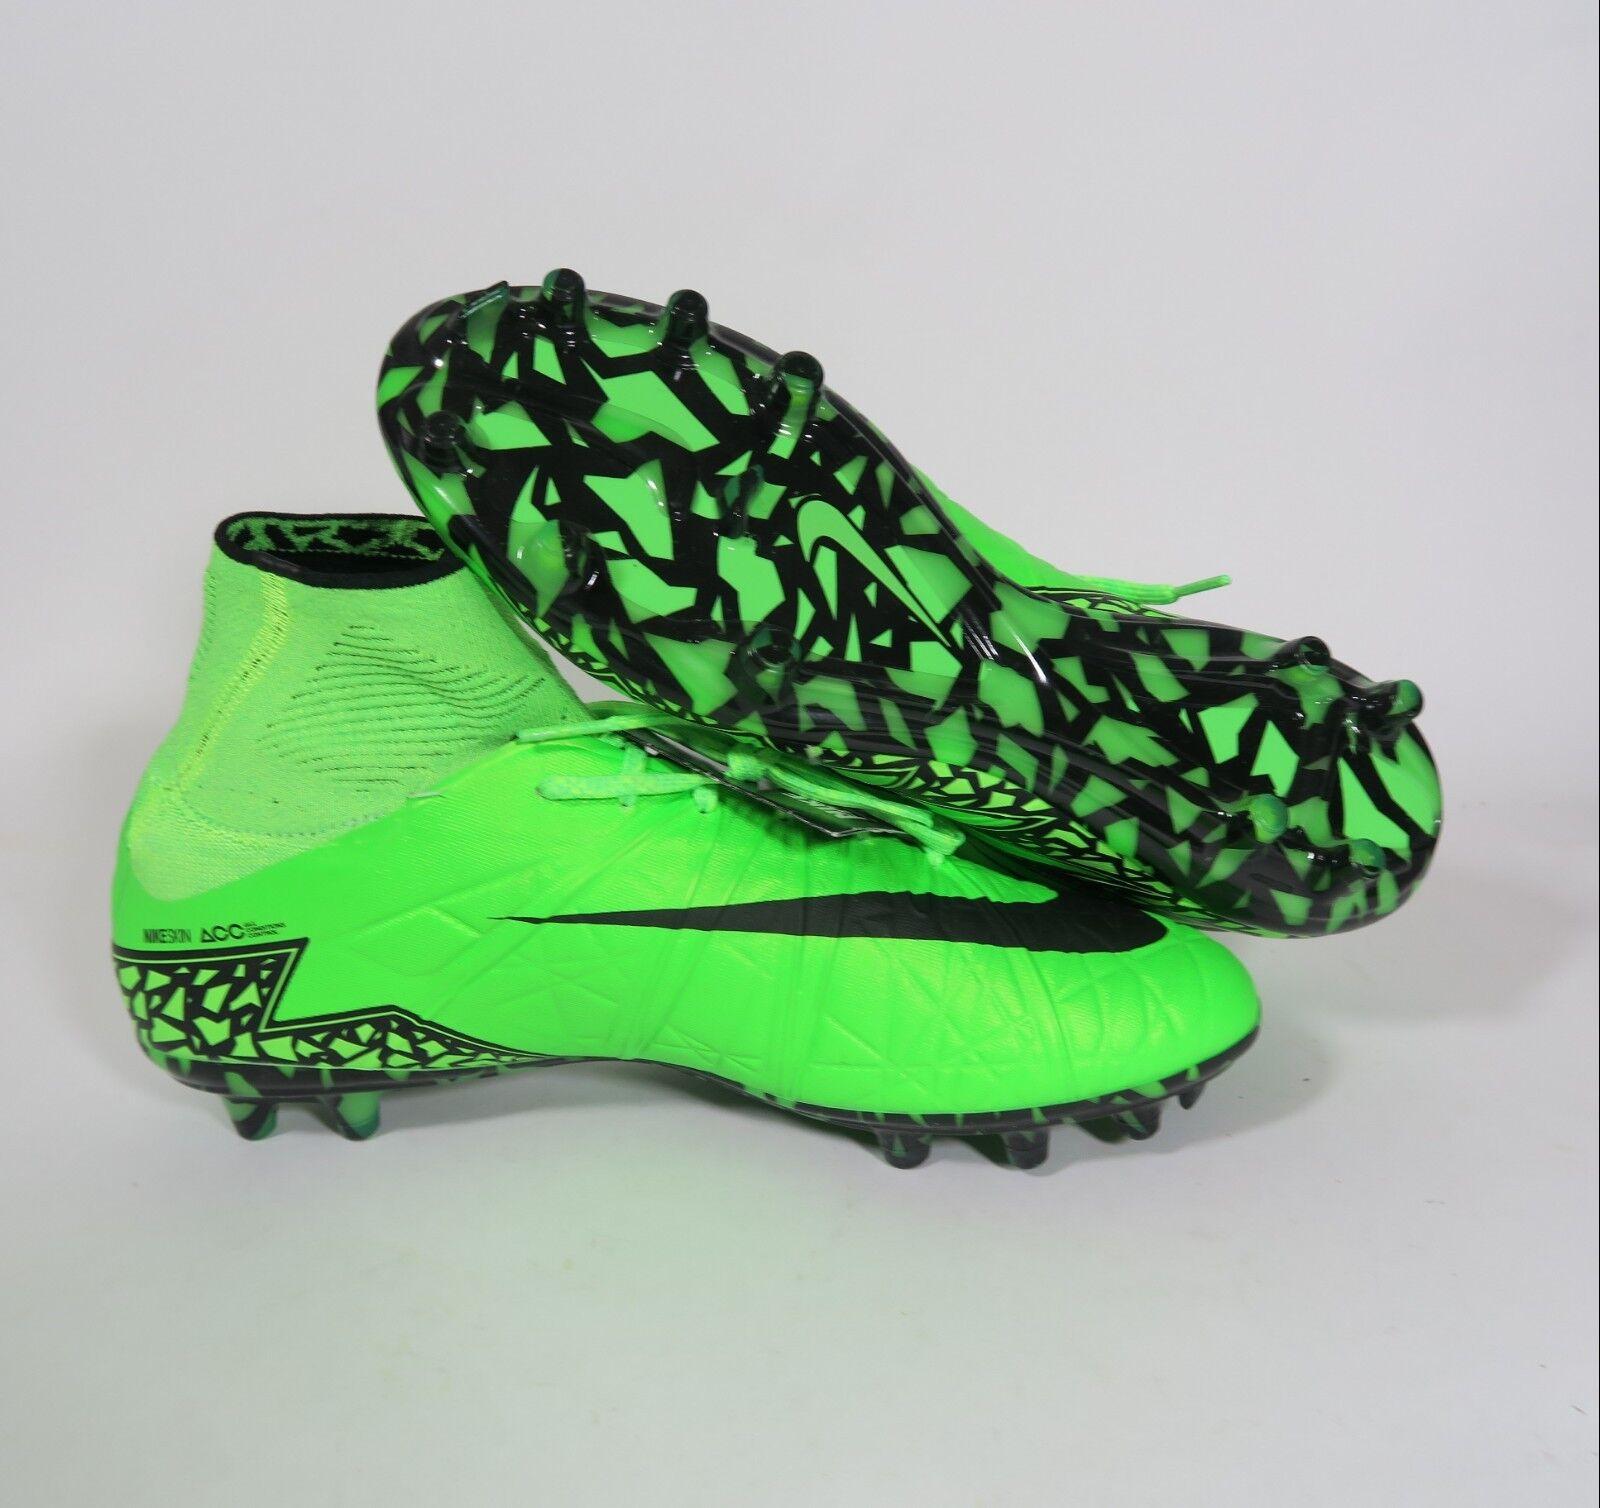 New Nike Green/Black/Volt Hypervenom Phantom II FG Green/Black/Volt Nike Choose Size [747213-307] d92a1c